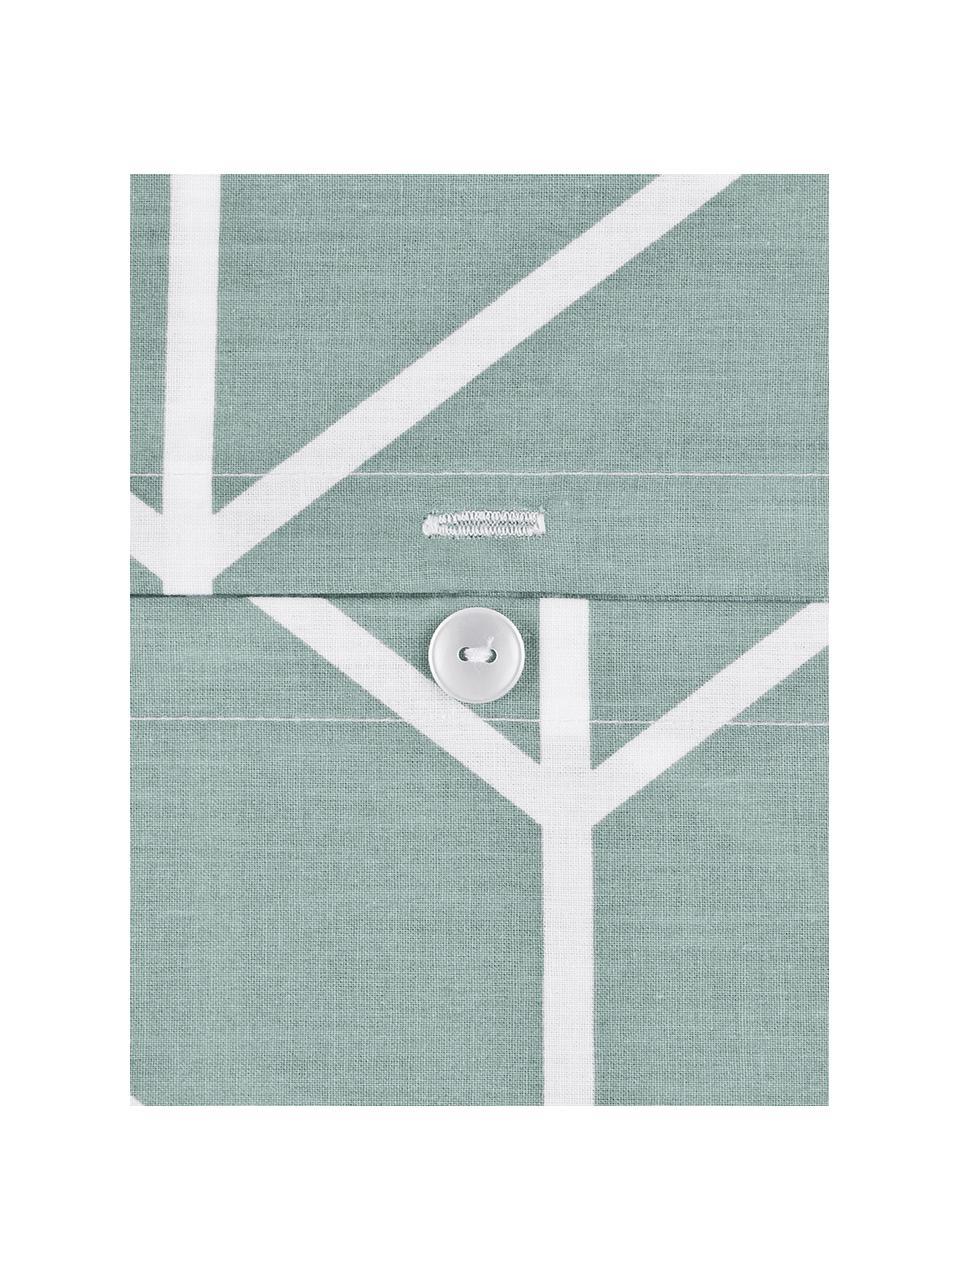 Pościel z bawełny renforcé Mirja, Zielony, kremowobiały, 155 x 220 cm + 1 poduszka 80 x 80 cm